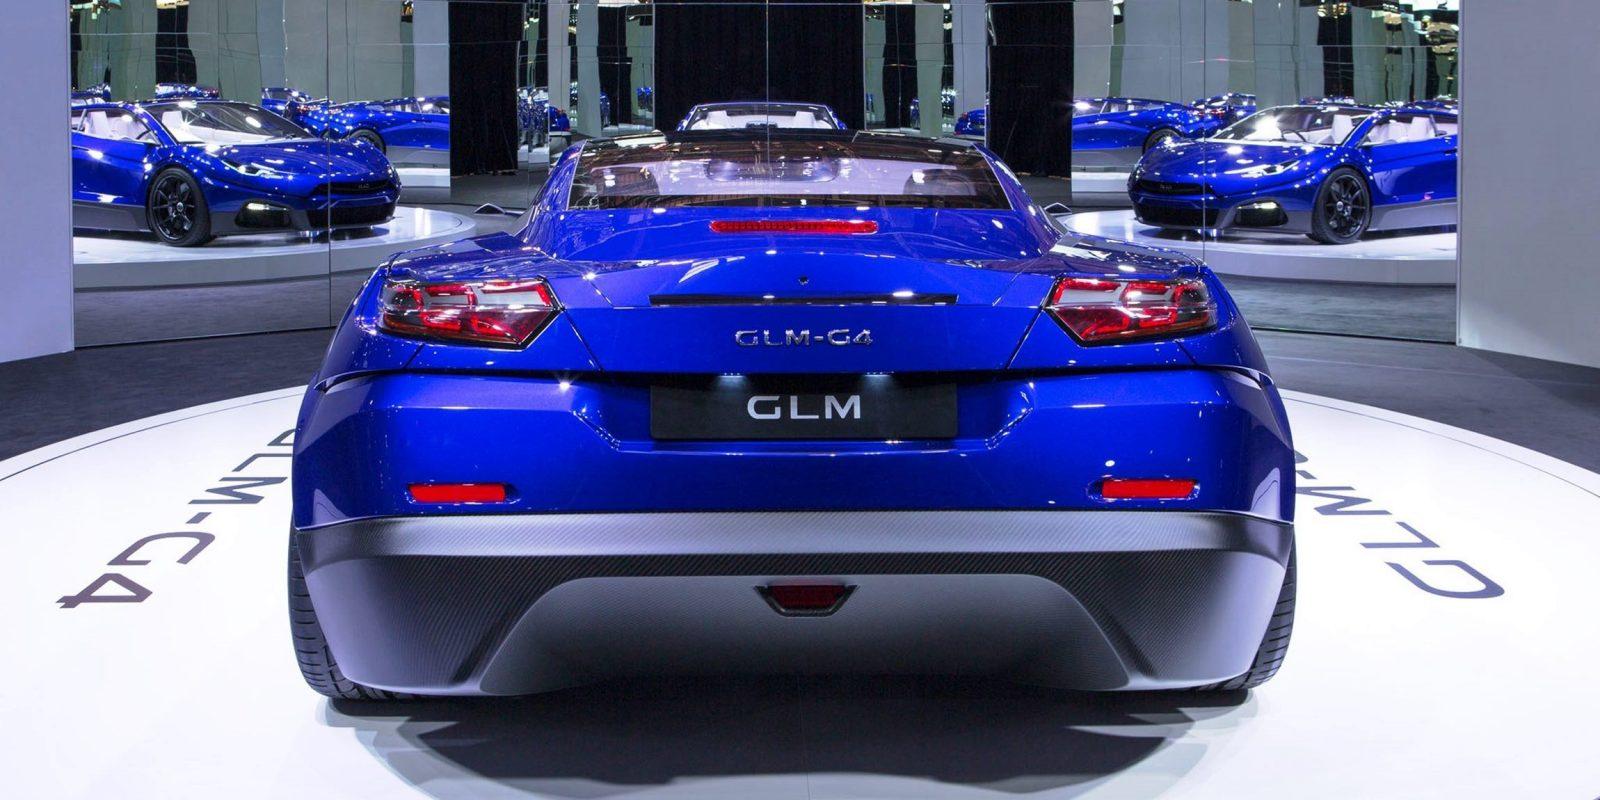 glm-g4-14